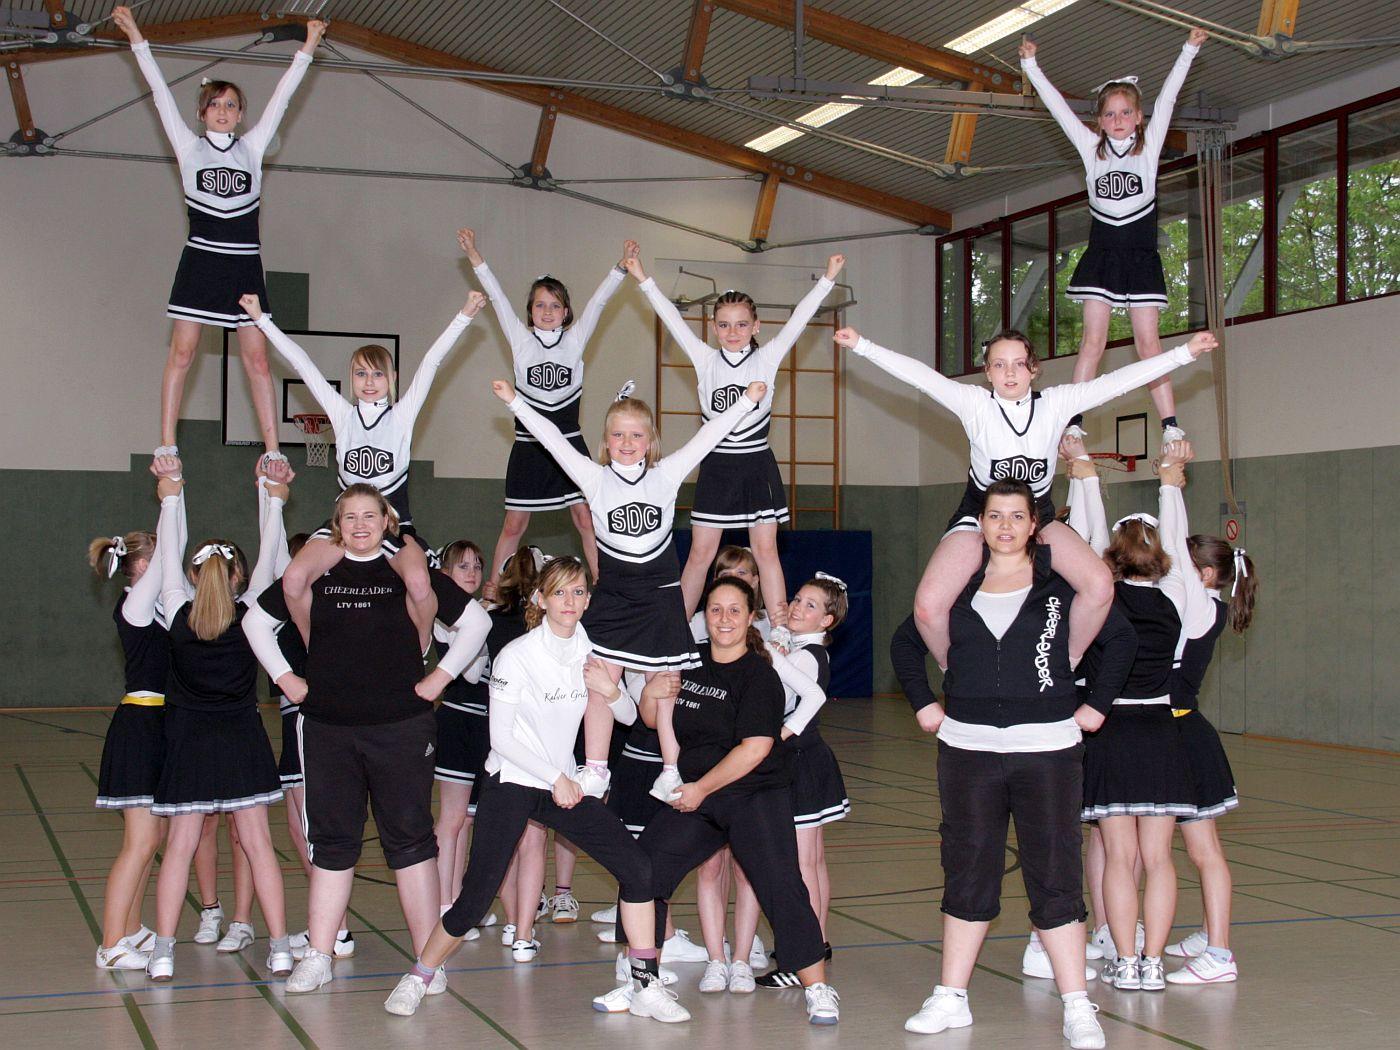 Archiv Cheerleader